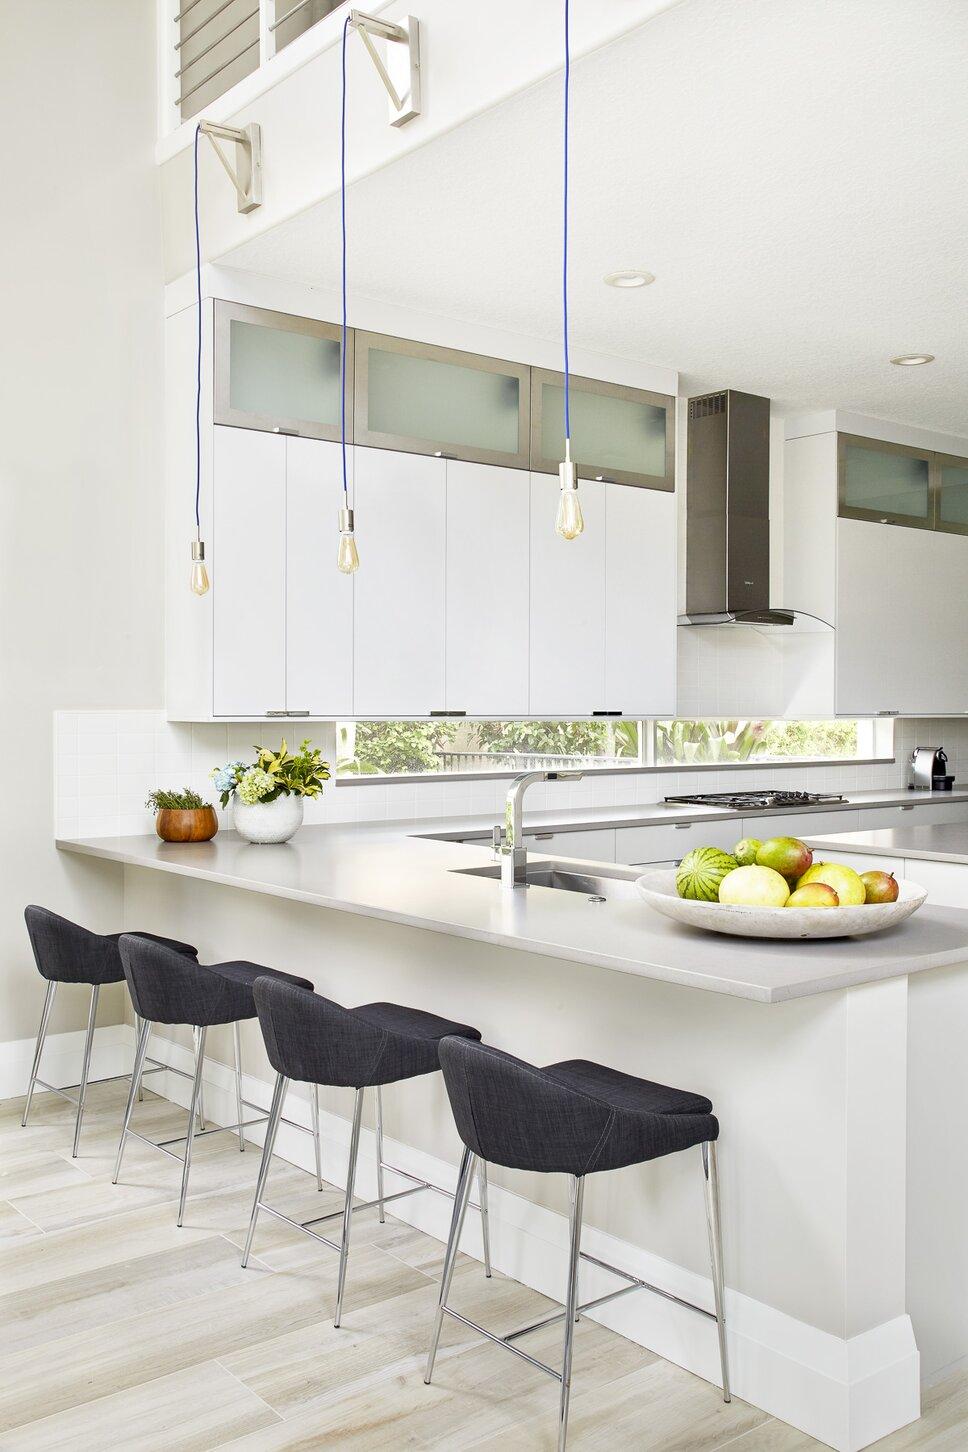 Modern U0026 Contemporary Kitchen Design Photo By Krista Watterworth Design  Studio